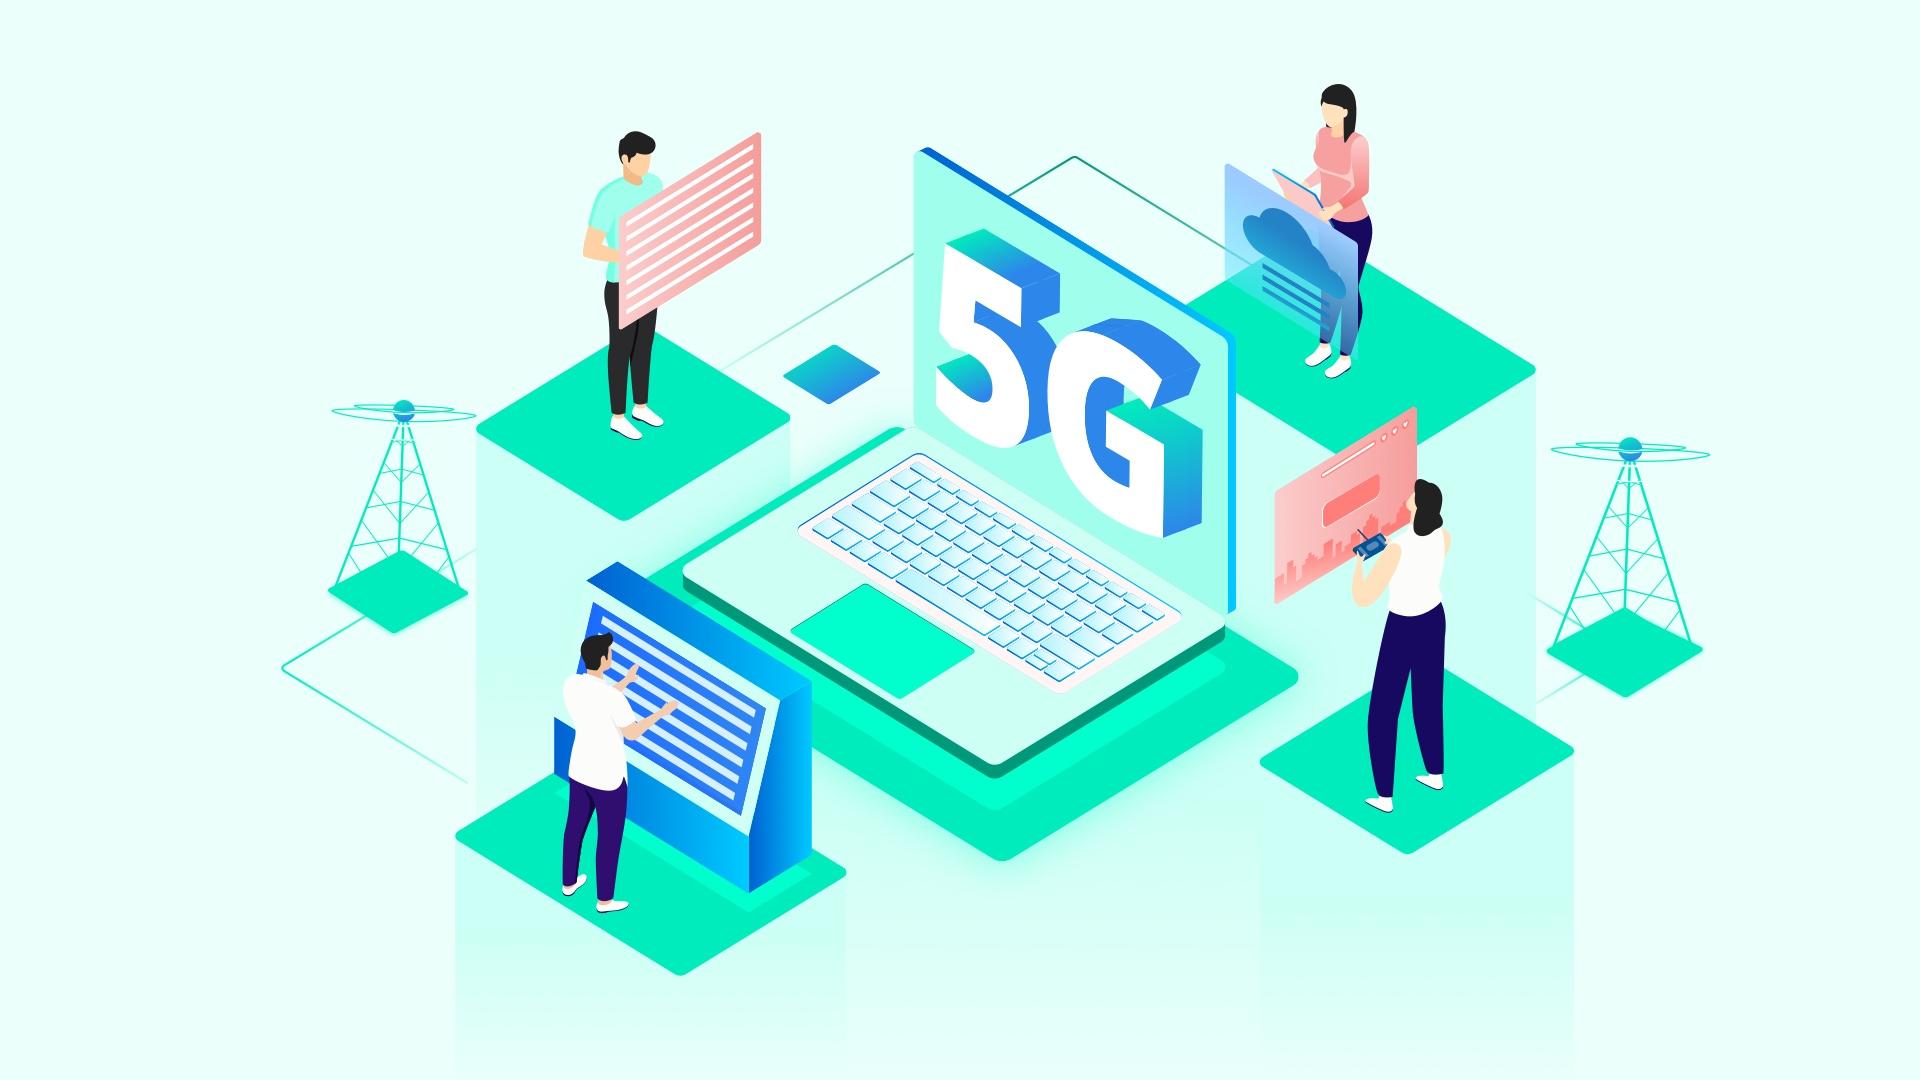 5G: A glimpse into the future